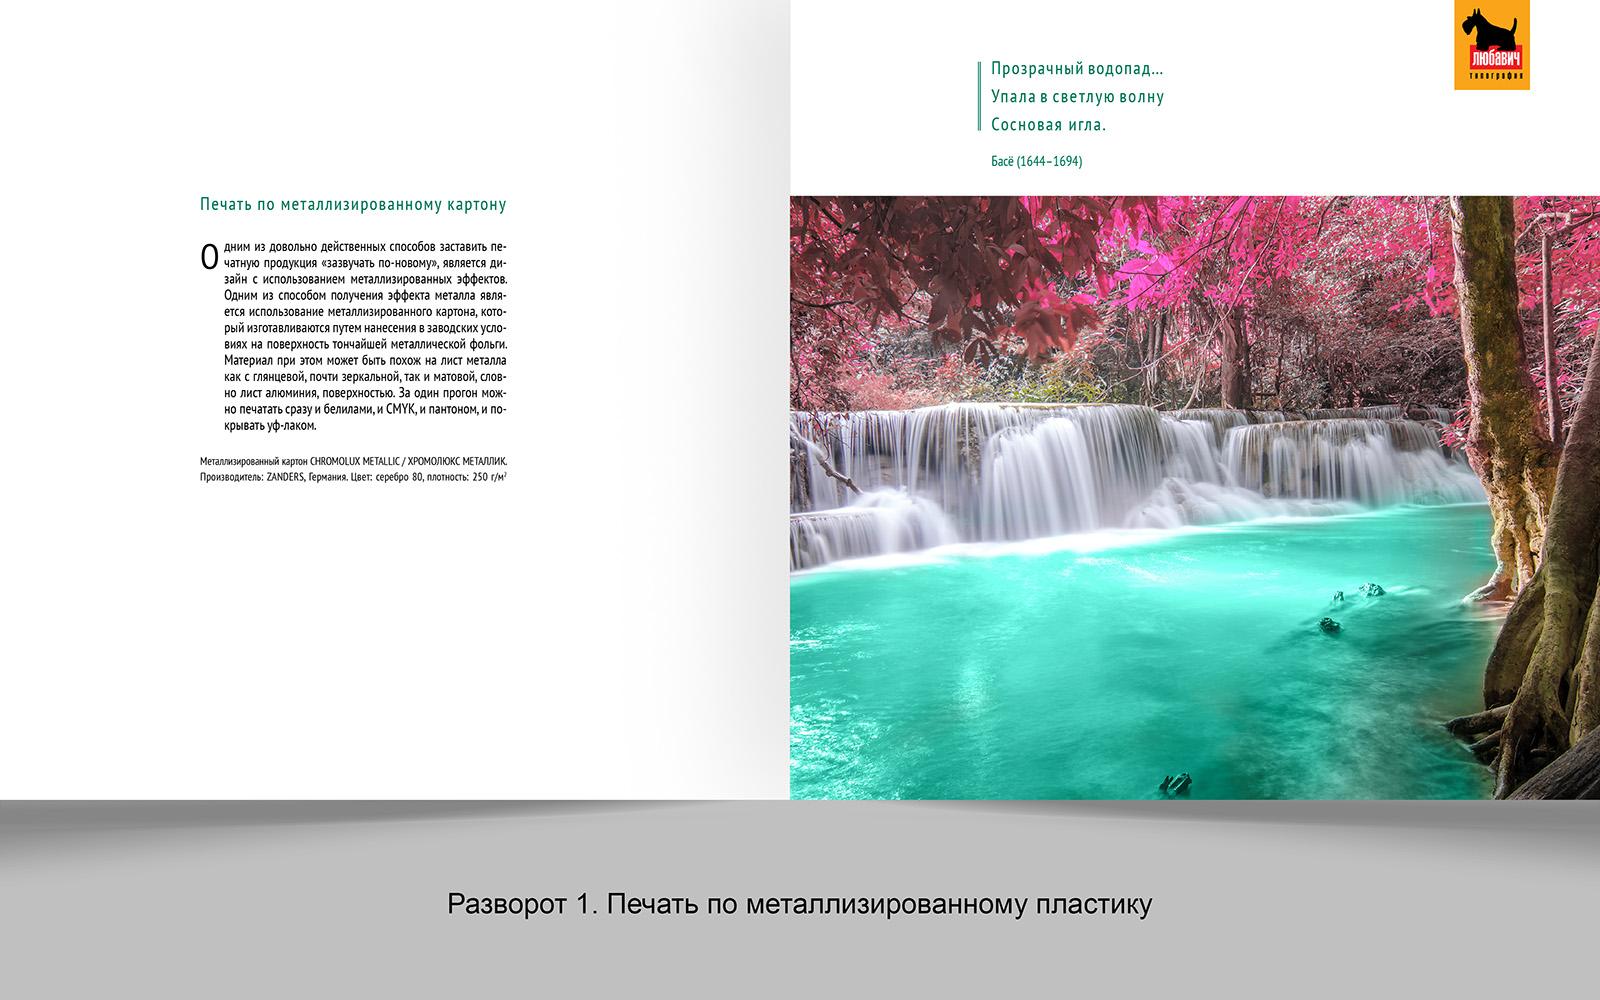 Дизайн рекламной брошюры возможностей типографии фото f_2345648d47ba4fb6.jpg